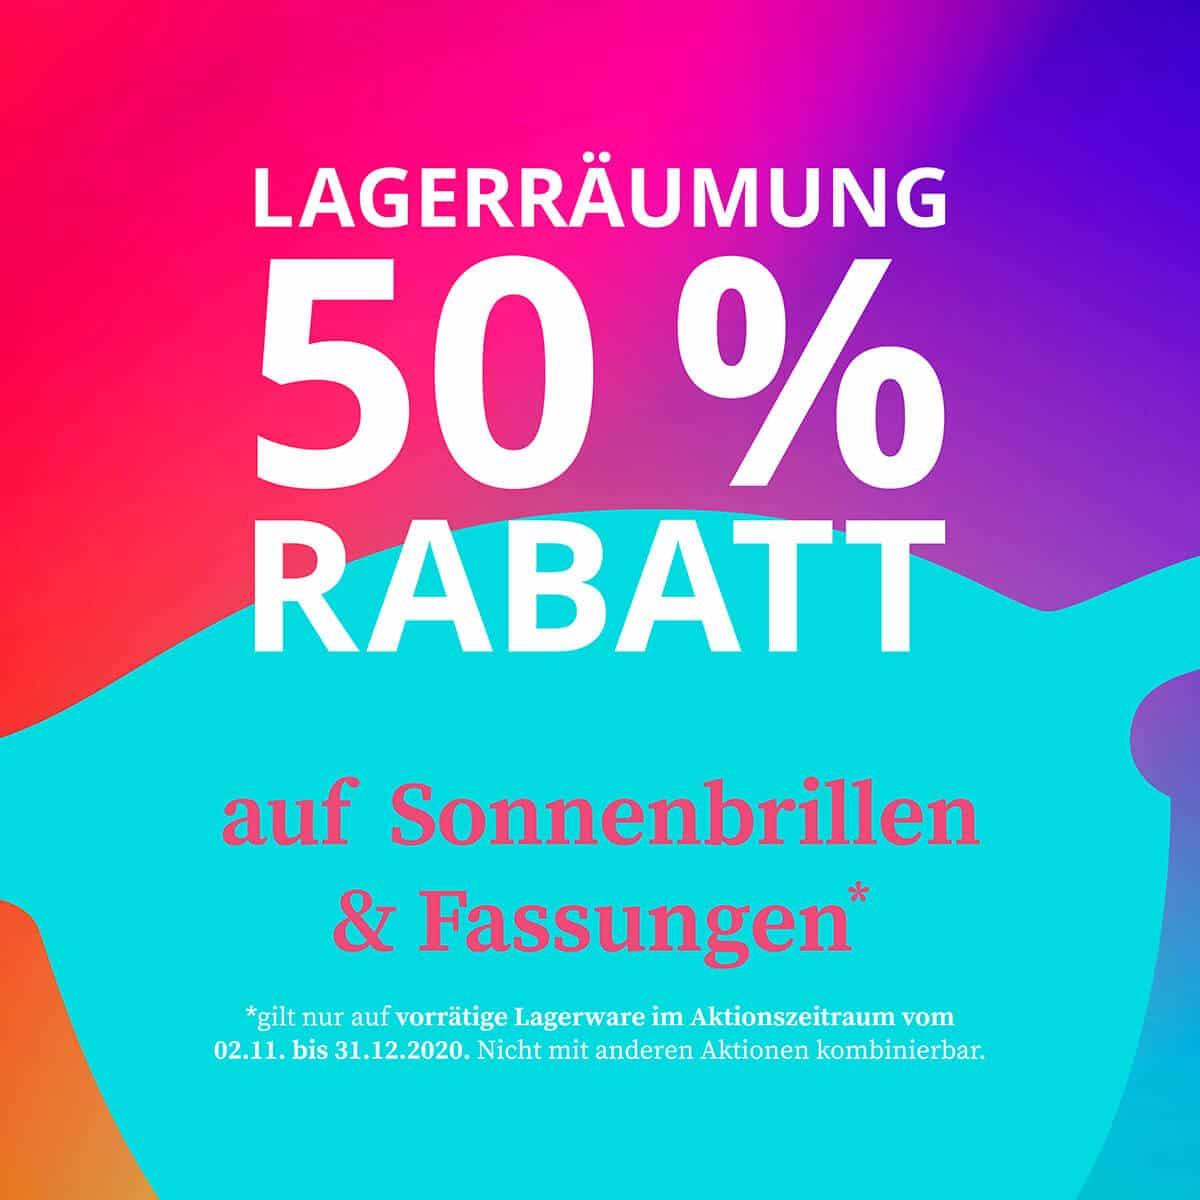 Lagerräumung 50 % Rabatt auf Sonnenbrillen und Fassungen